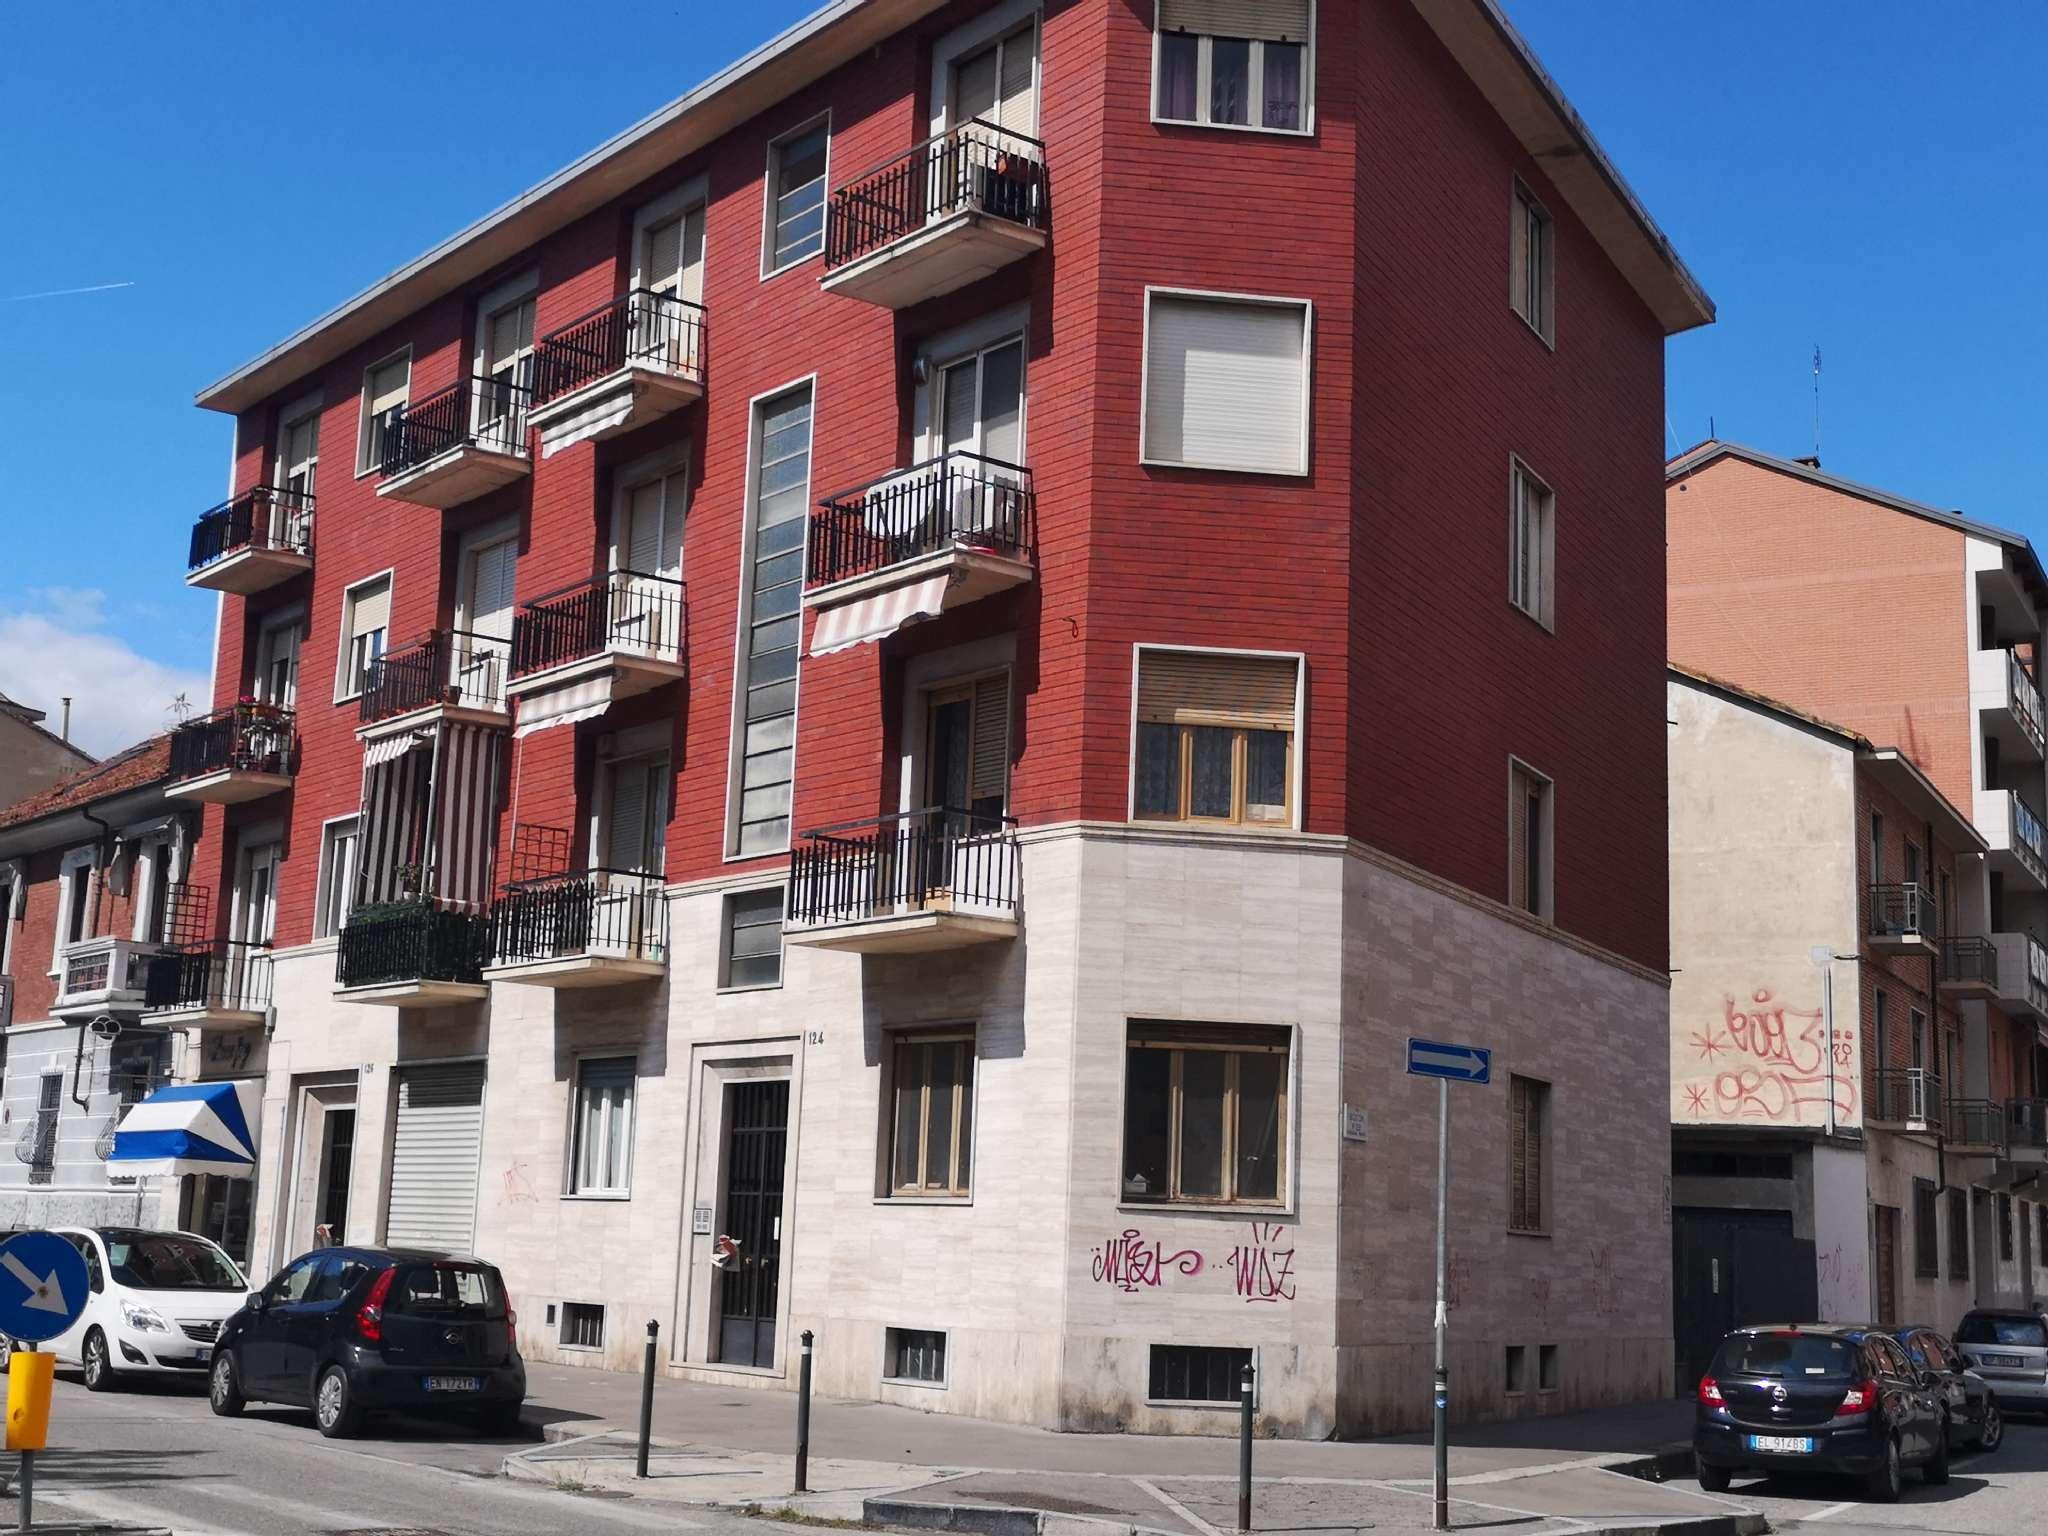 Foto 1 di Appartamento via BOSTON 124, Torino (zona Santa Rita)